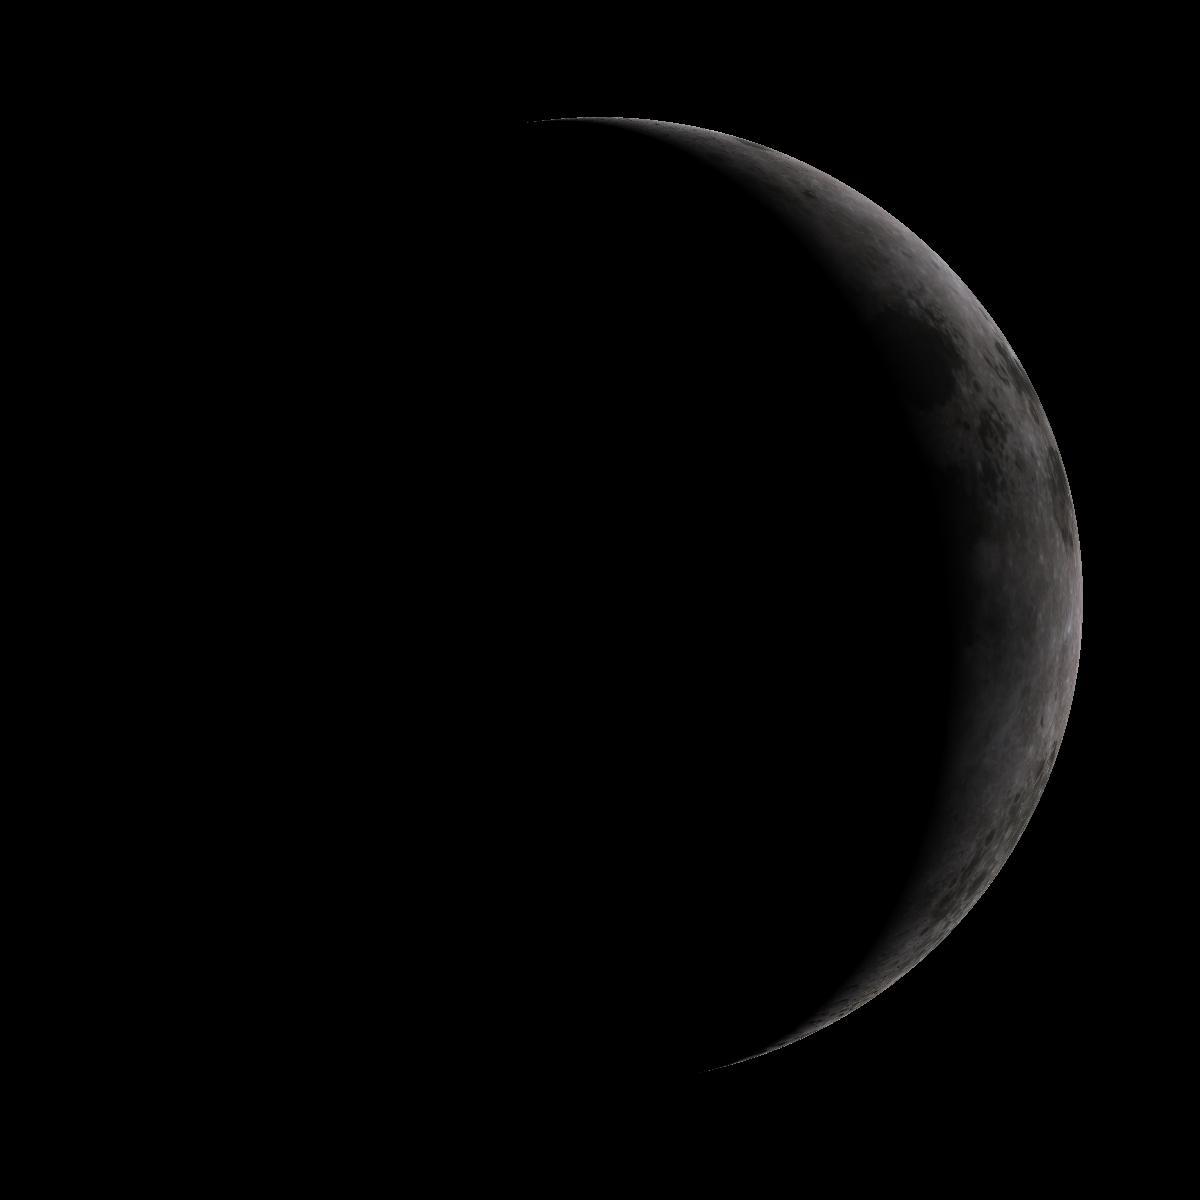 Lune du 2 octobre 2019